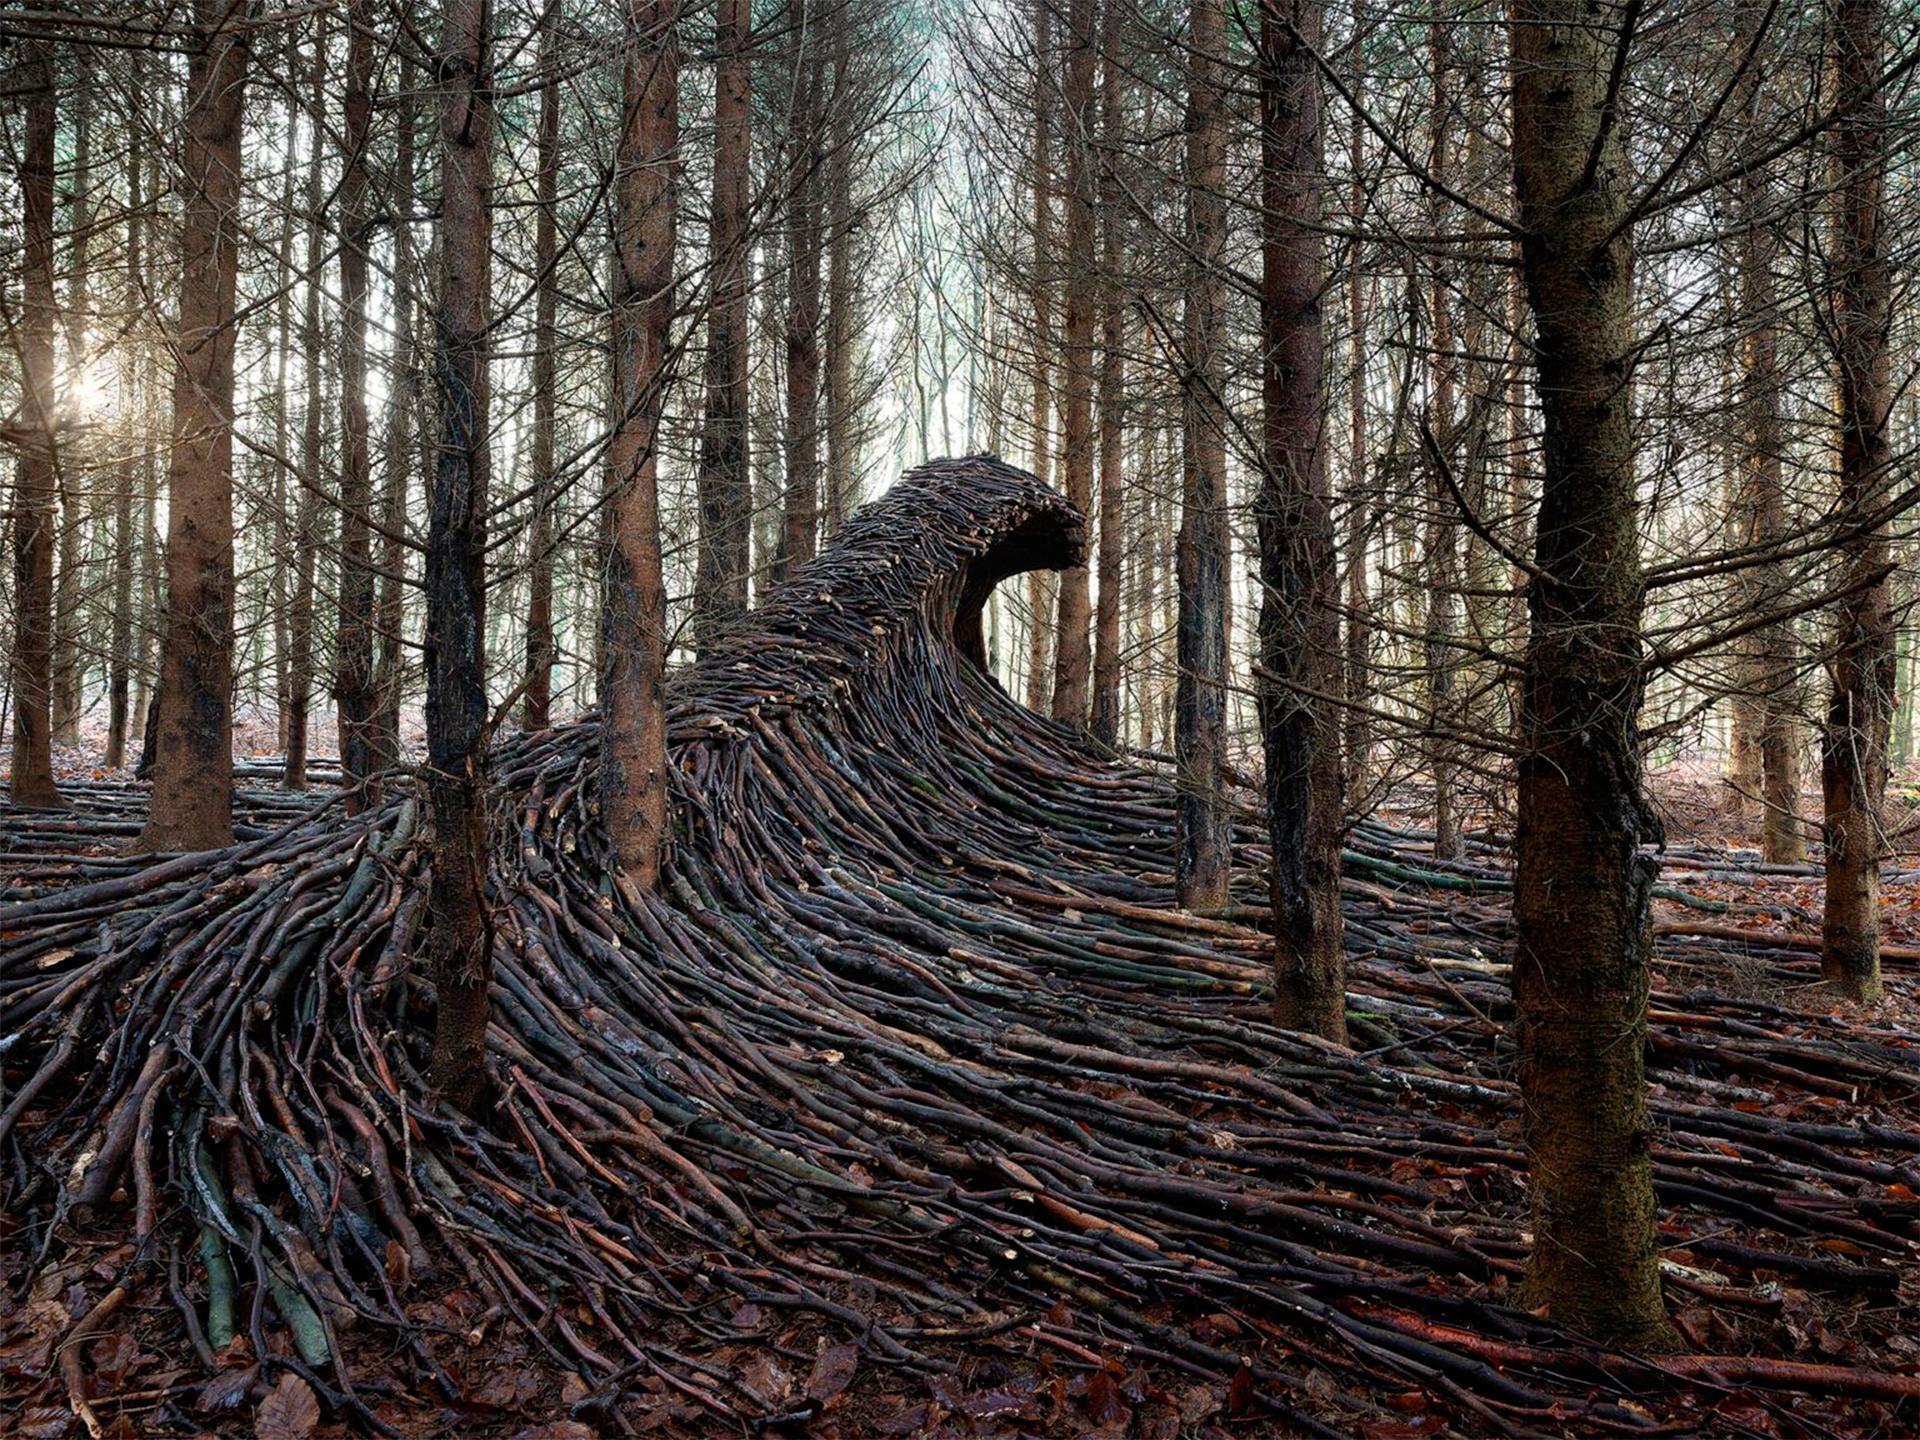 Йорг Глэшер: волны из веток в немецком лесу